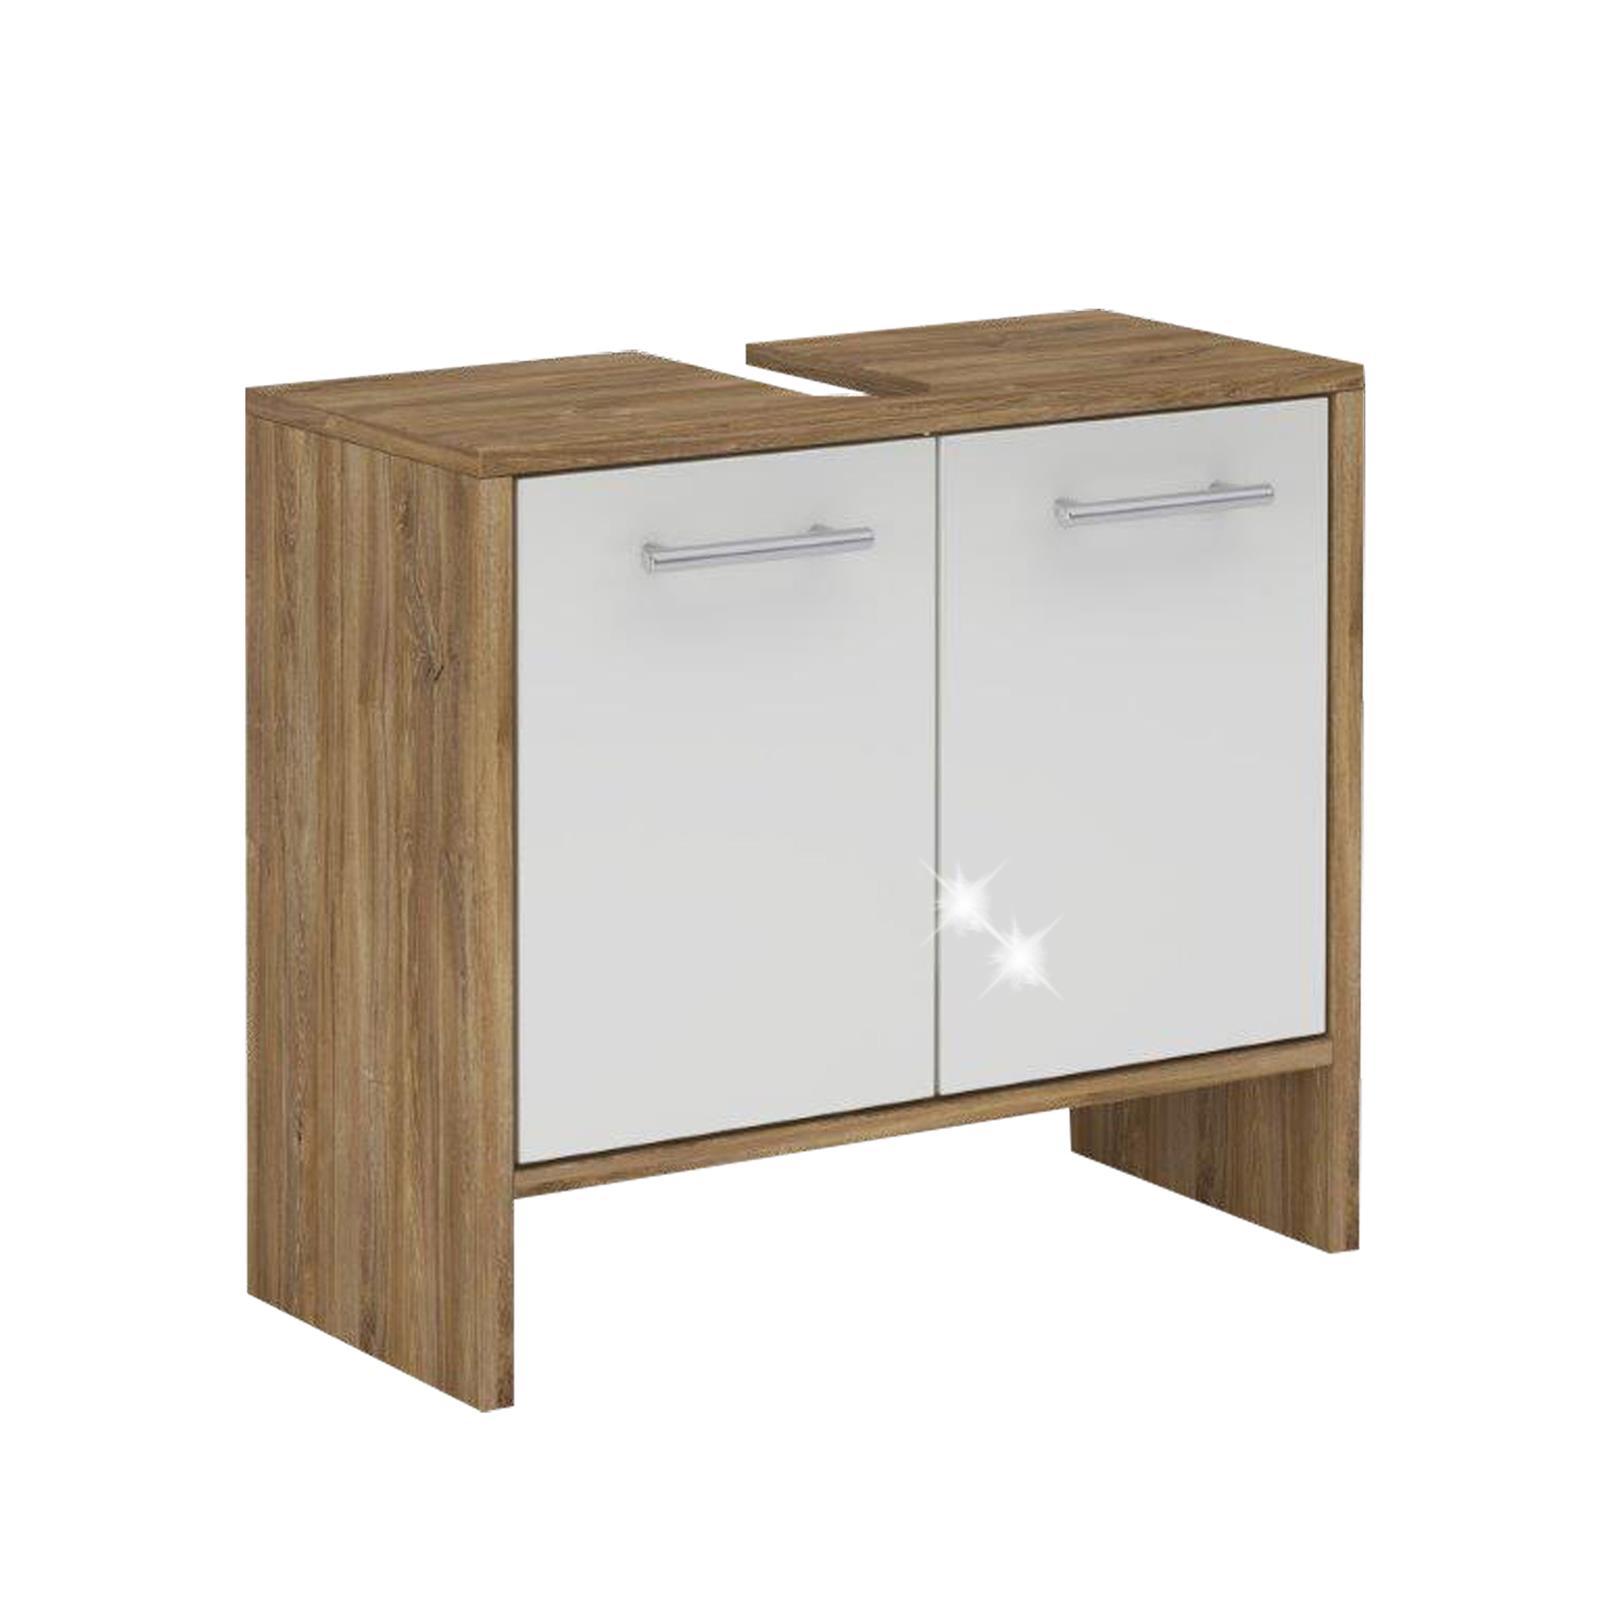 waschbecken unterschrank waschtischunterschrank badschrank. Black Bedroom Furniture Sets. Home Design Ideas